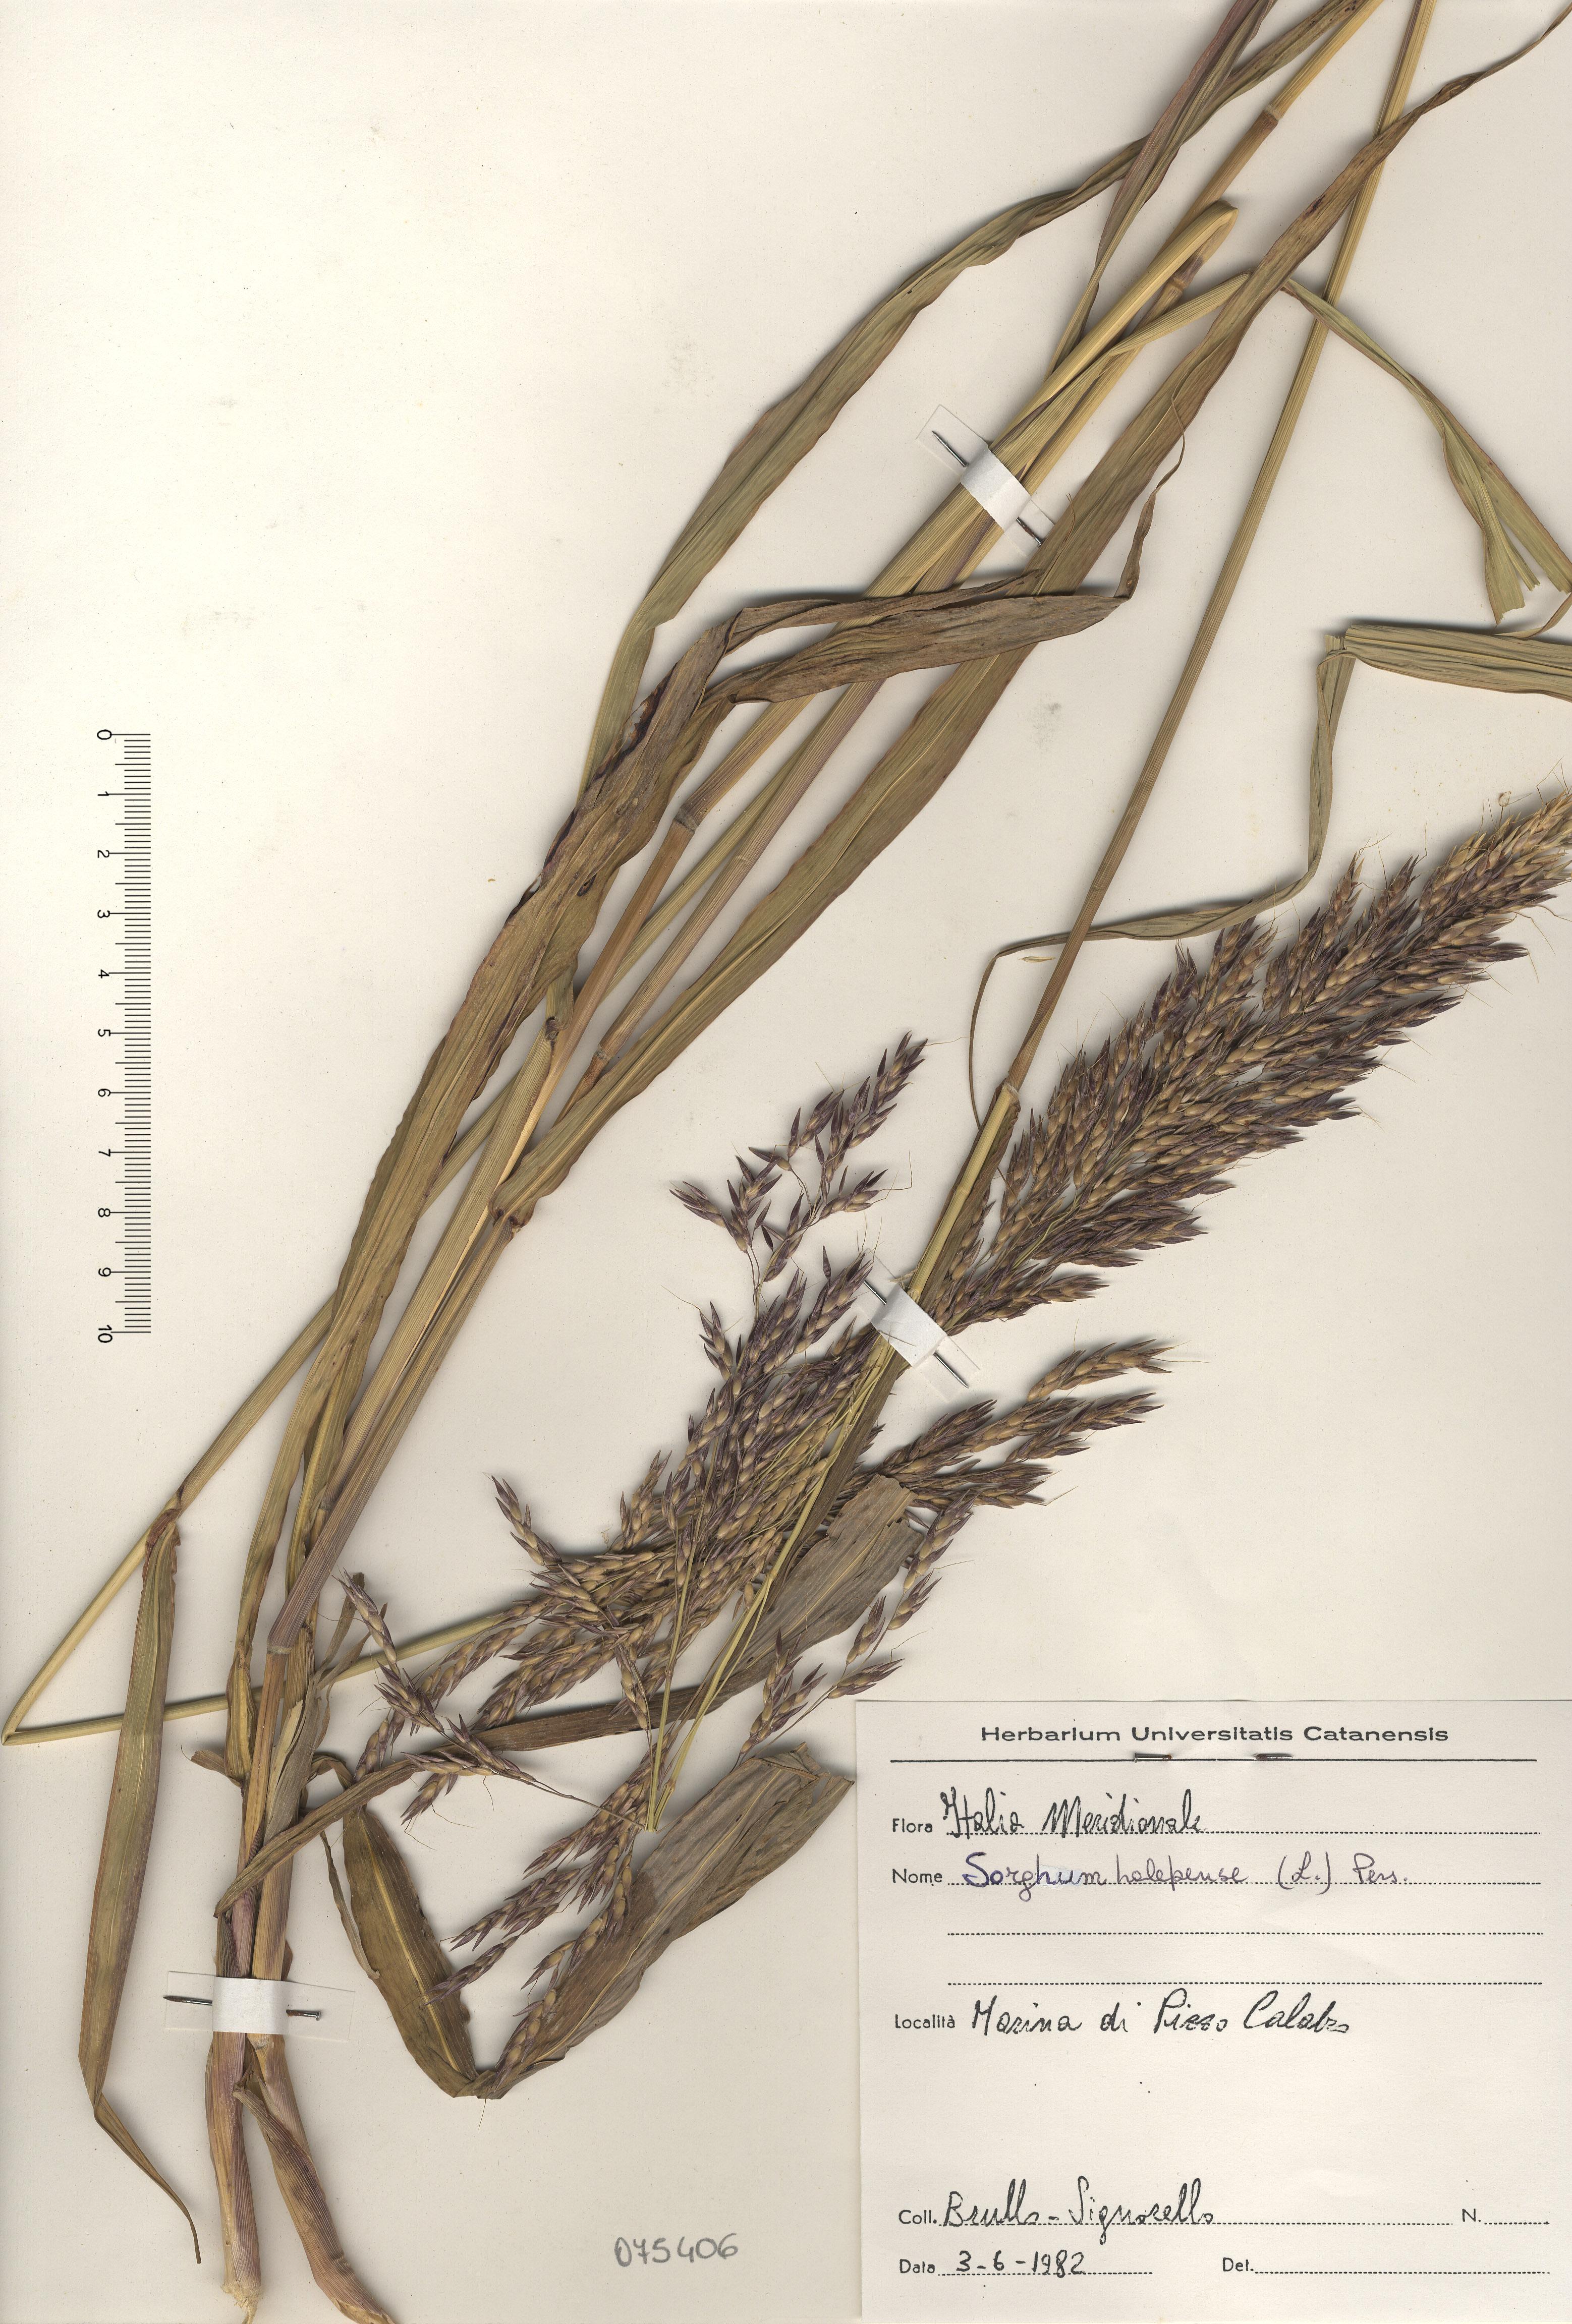 © Hortus Botanicus Catinensis - Herb. sheet 075406<br>